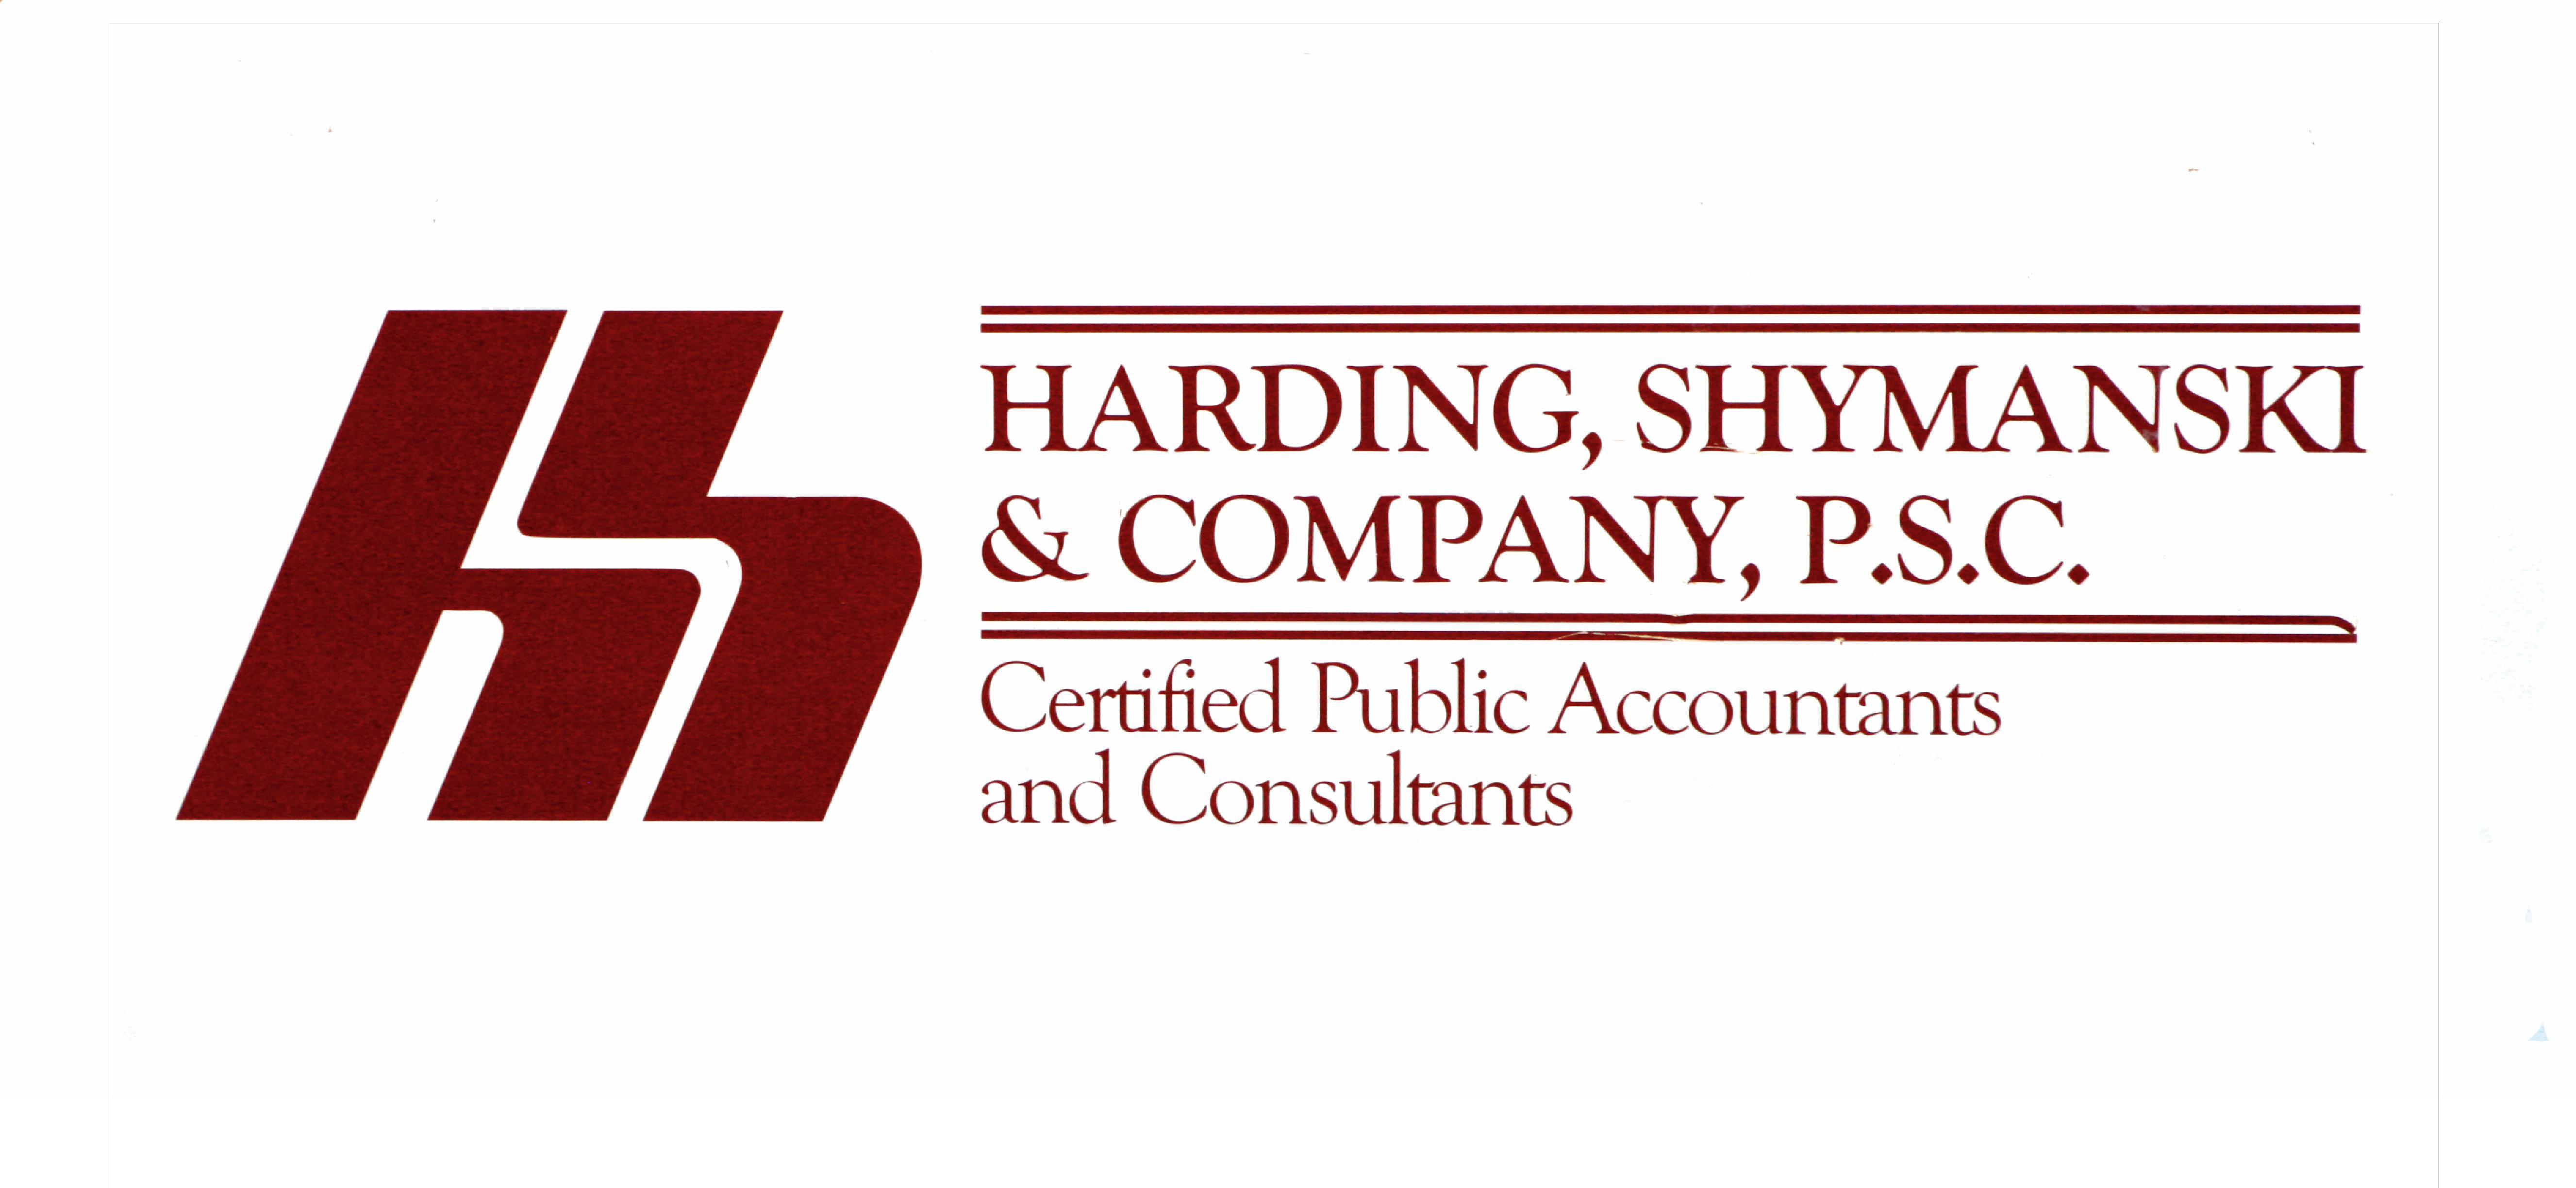 Harding-Shymanski